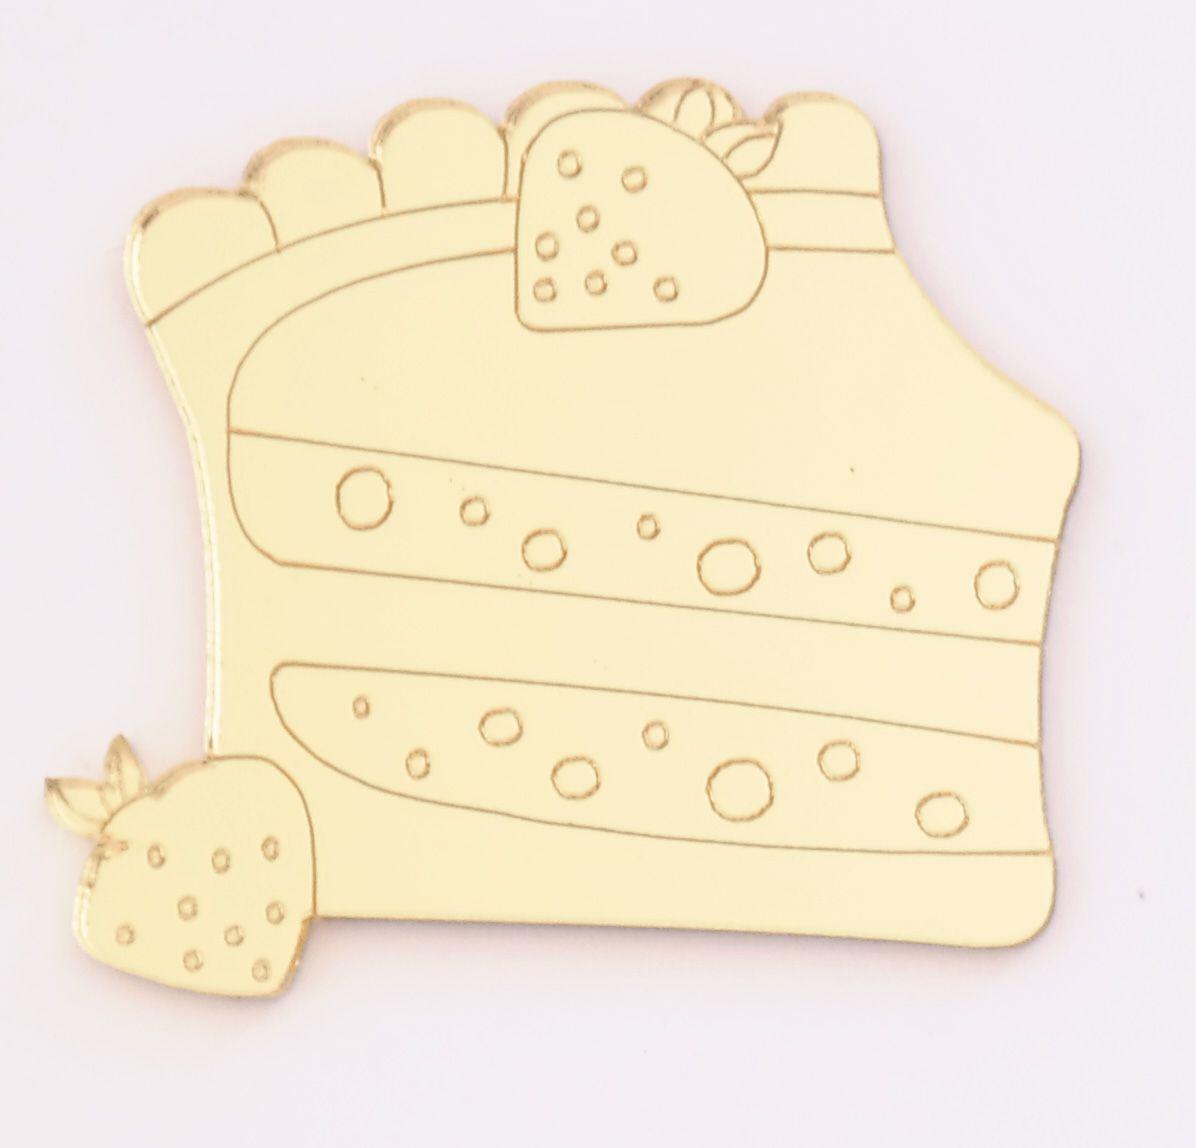 Aplique em acrílico espelhado - Confeitaria Pedaço de bolo - 5cm - 10 peças